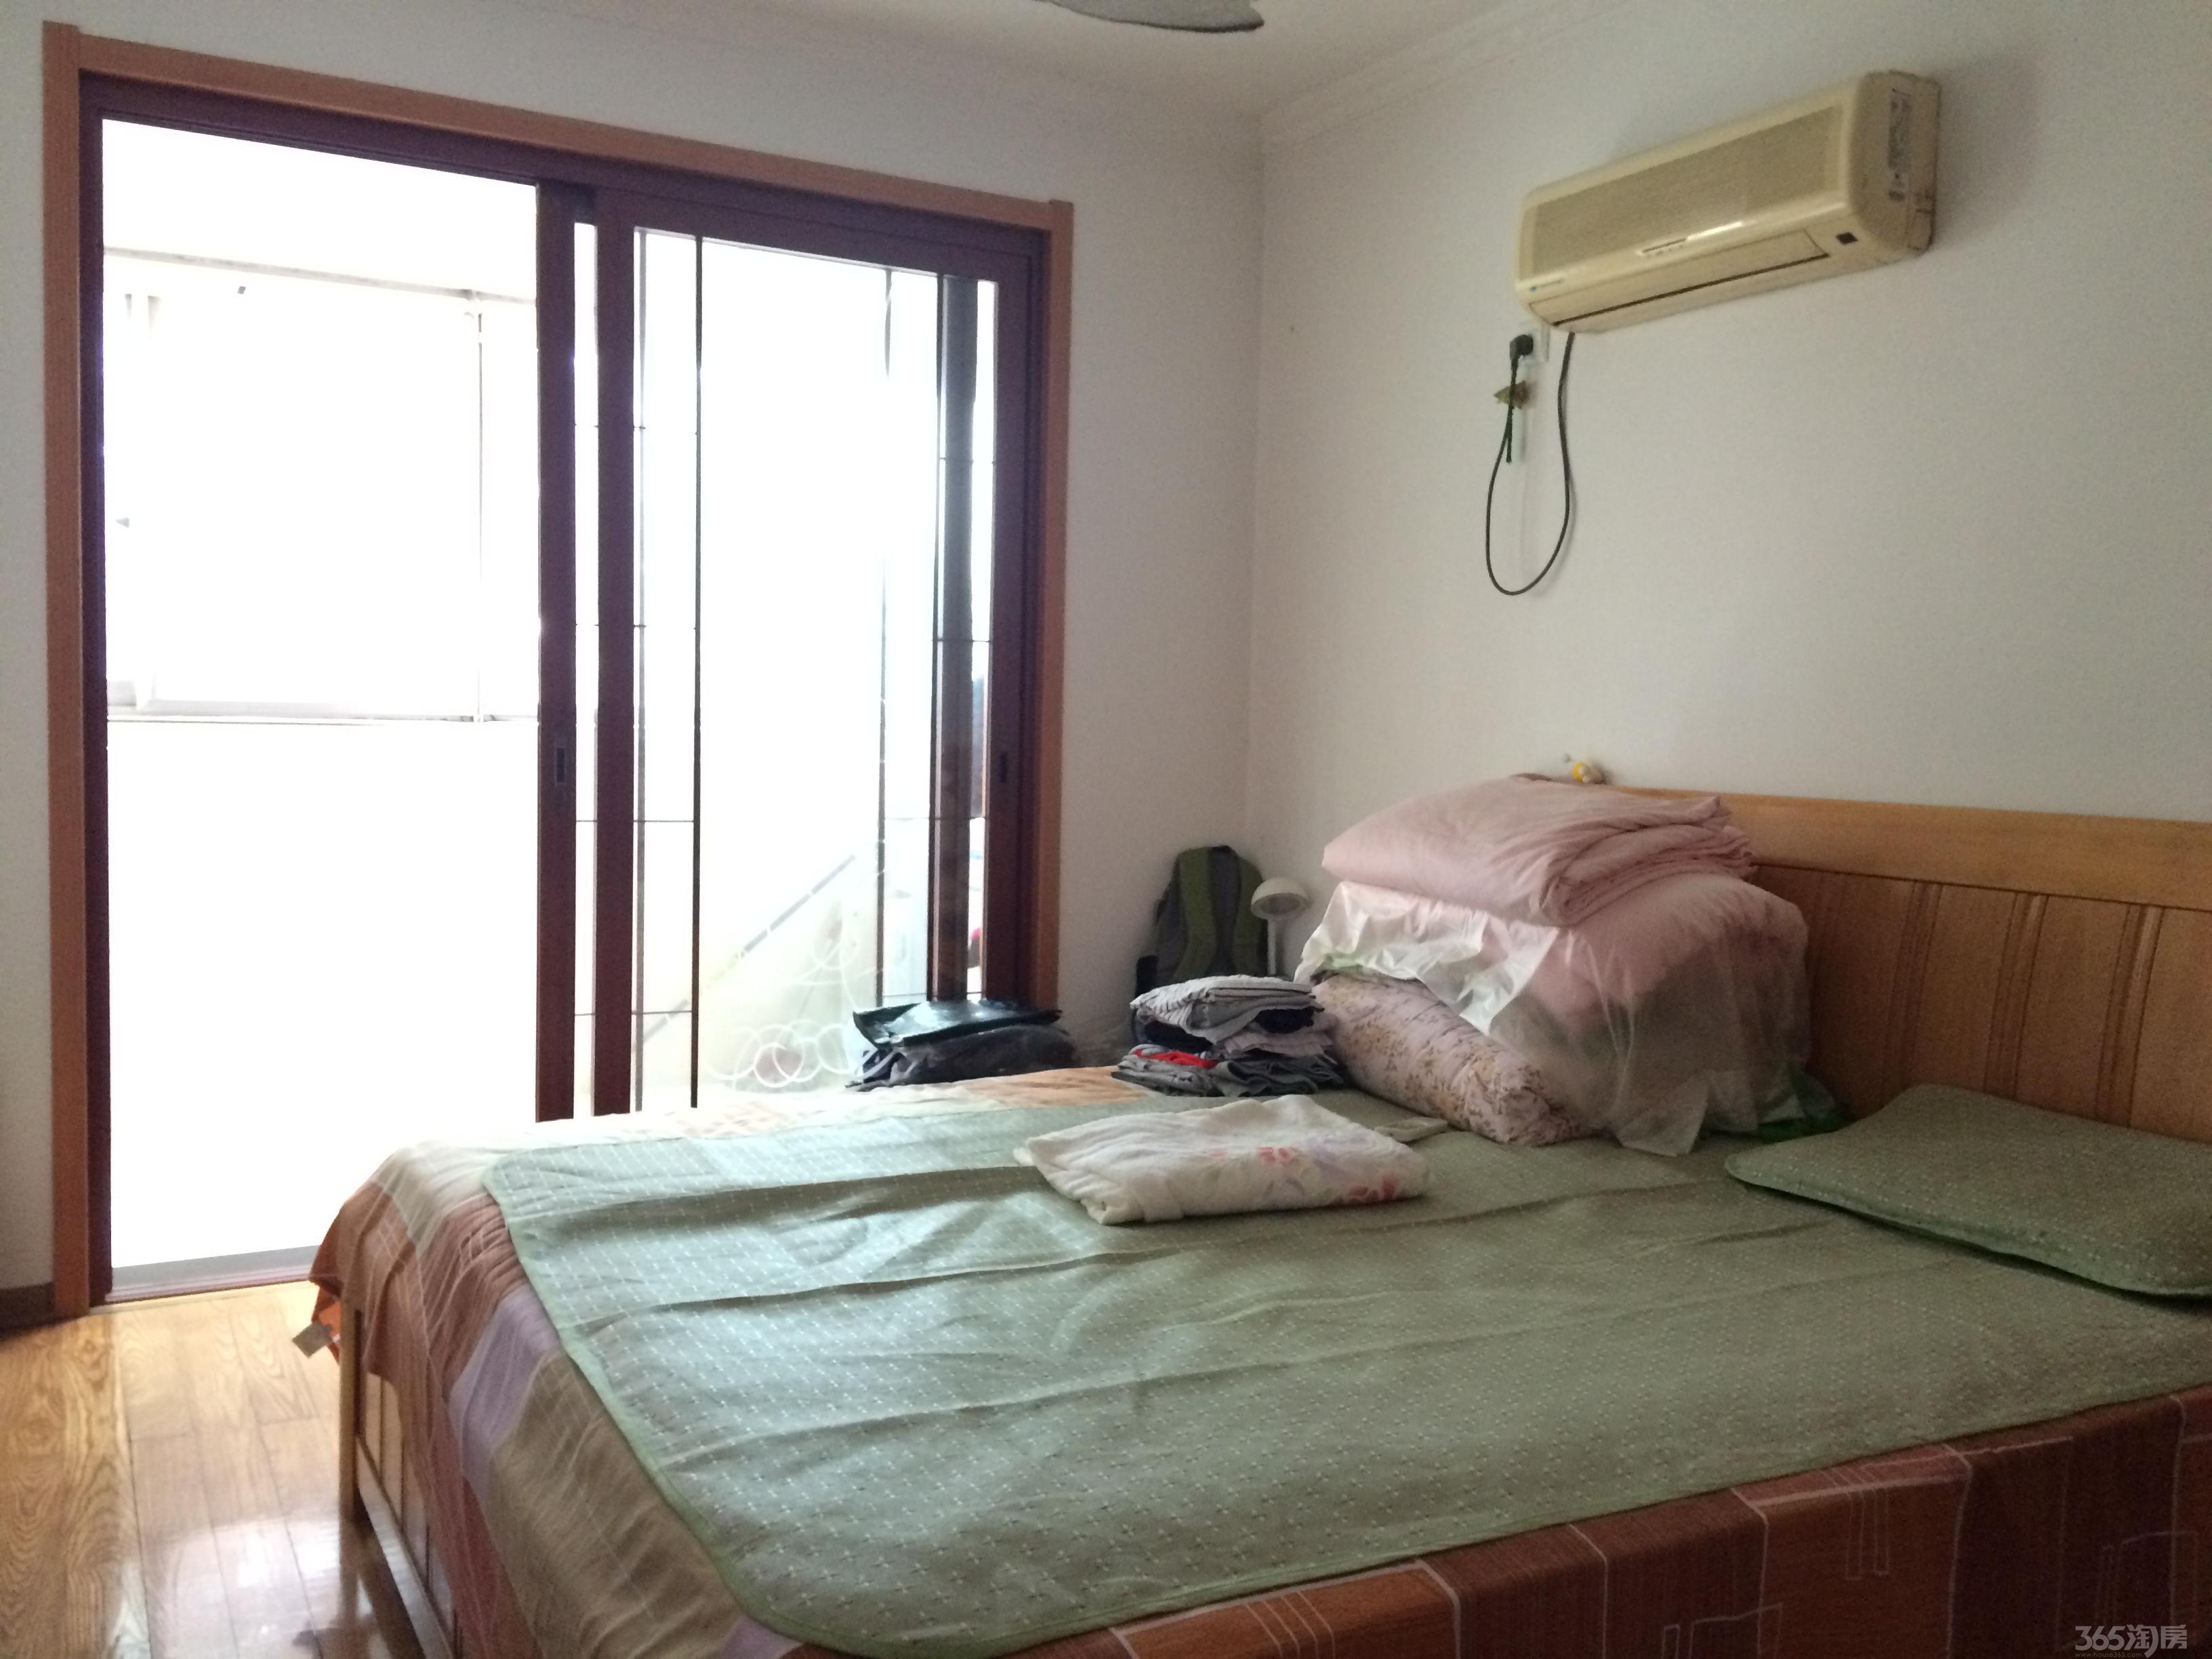 东井村45号 房改房2000年房龄 精致装修 实图 迈皋桥医院旁 急售